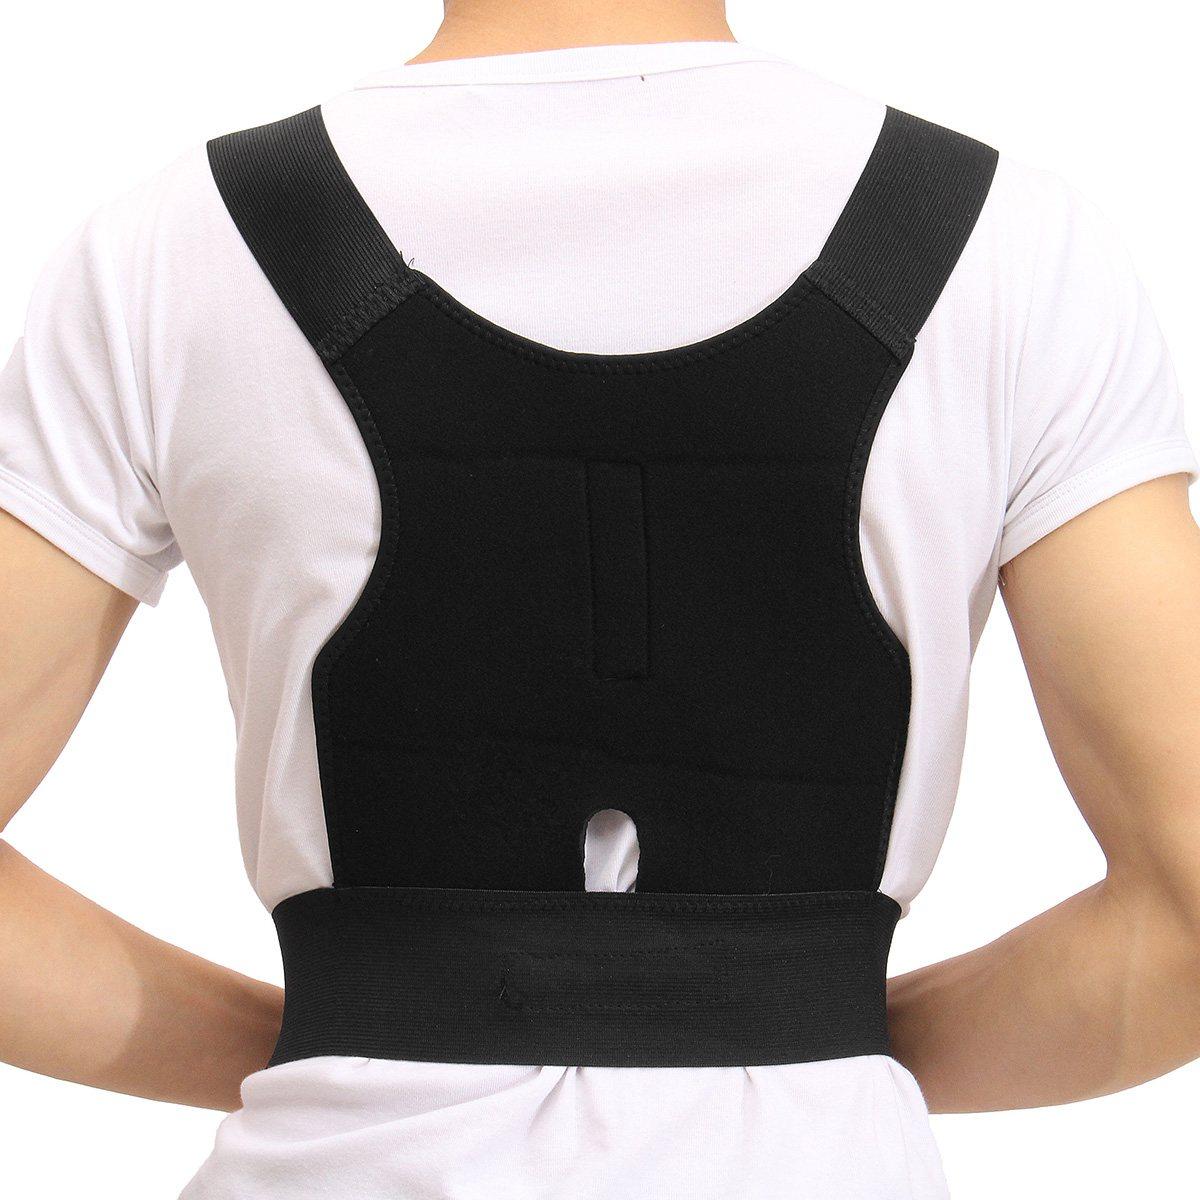 Adjustable Adult Back Posture Corrector Back Shoulder Lumbar Braces Spine Support Belt Posture Correction Back Support Men Women